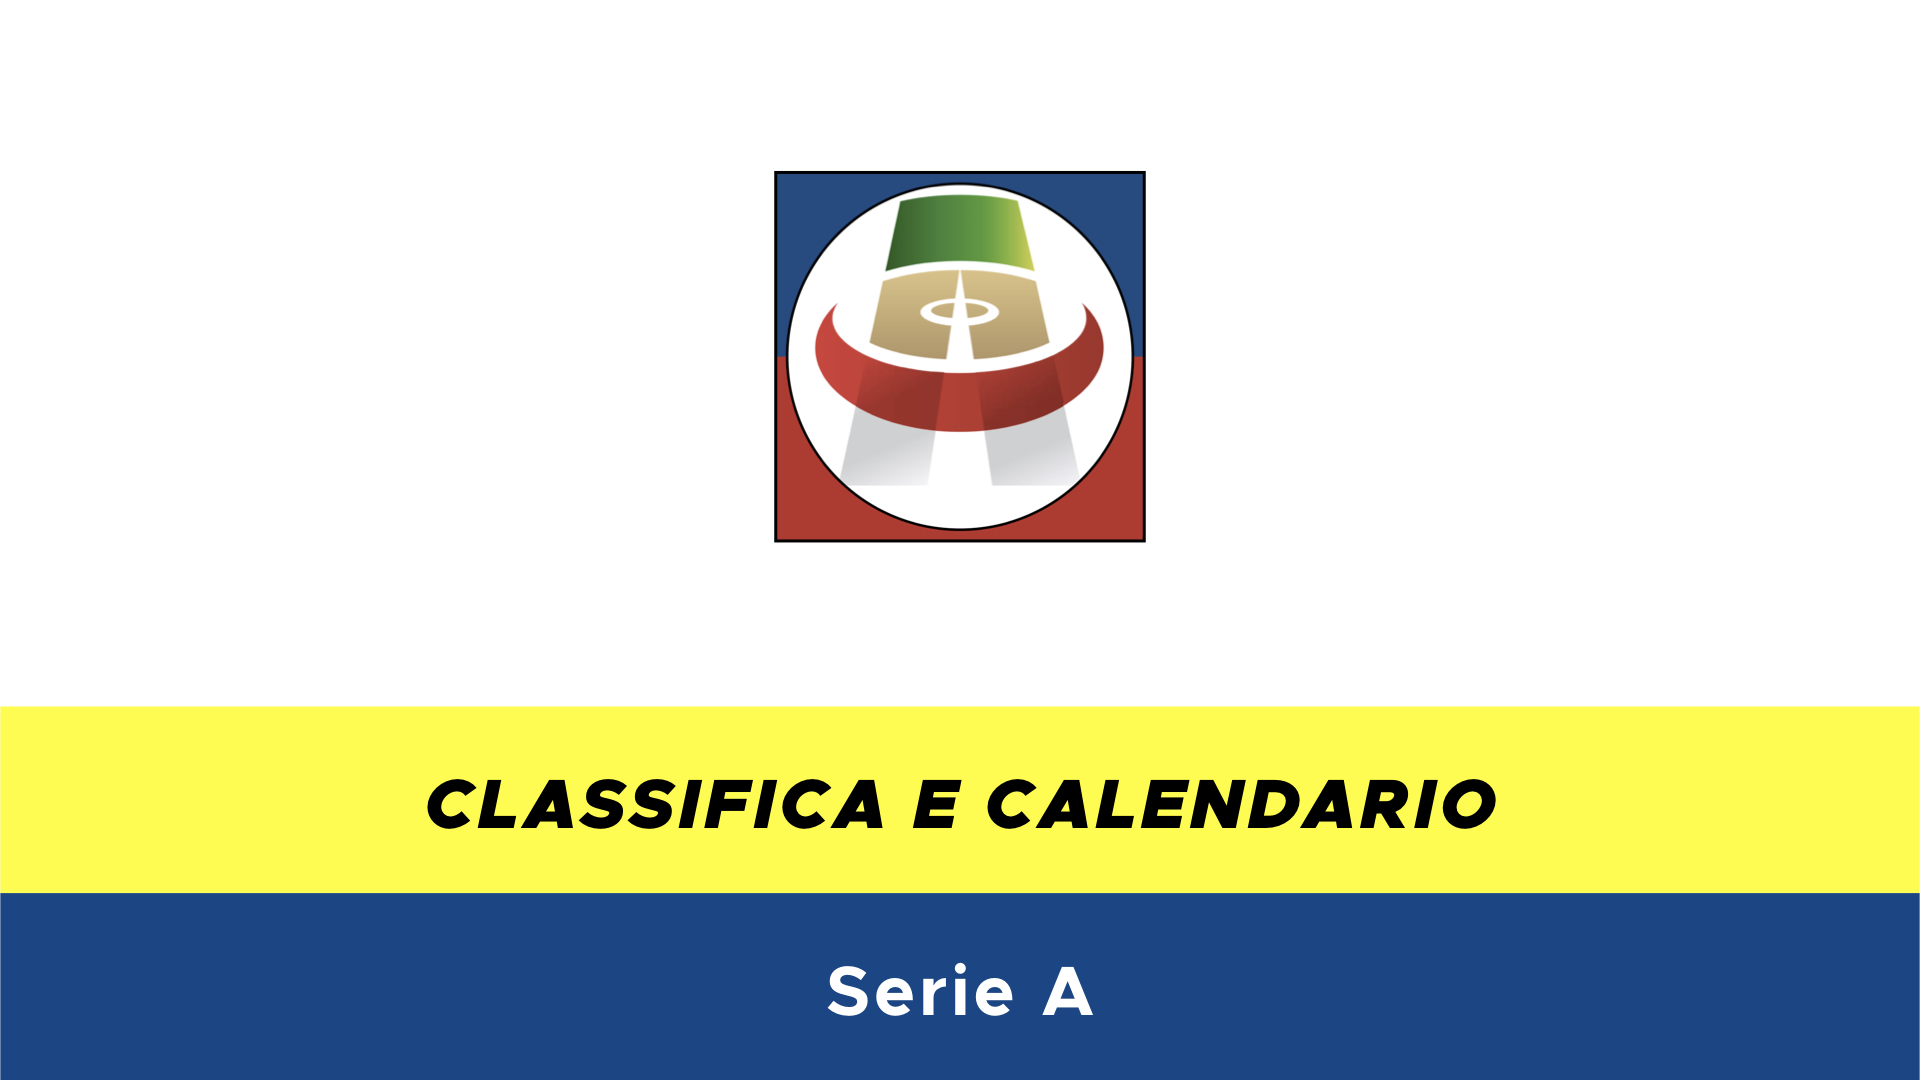 Calendario Serie A Ottava Giornata.Calendario E Classifica Serie A 2018 2019